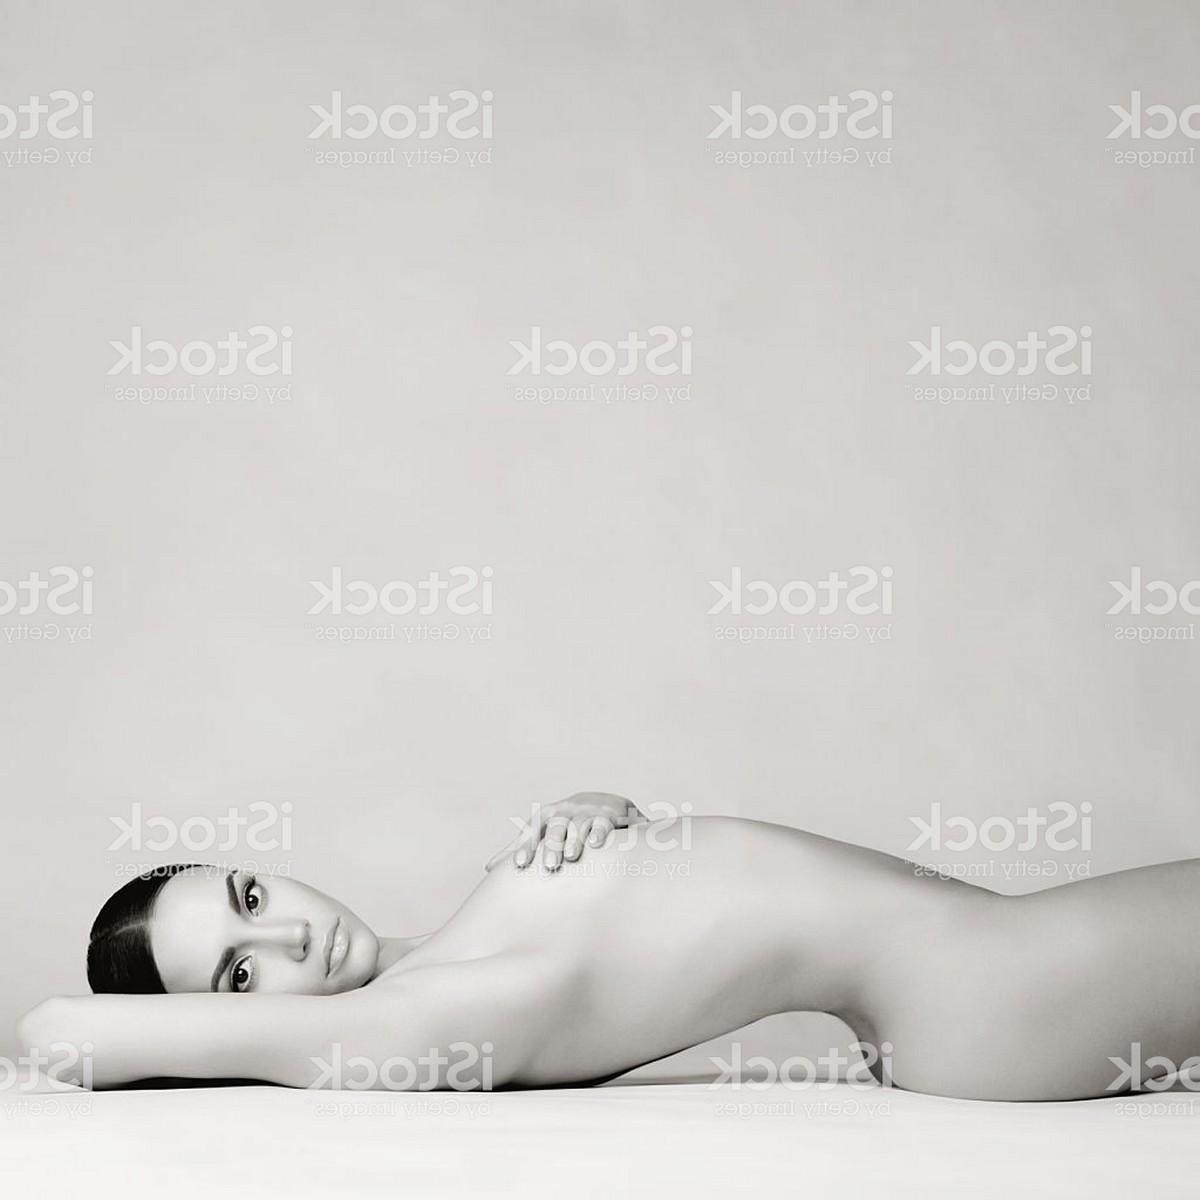 erotic actress